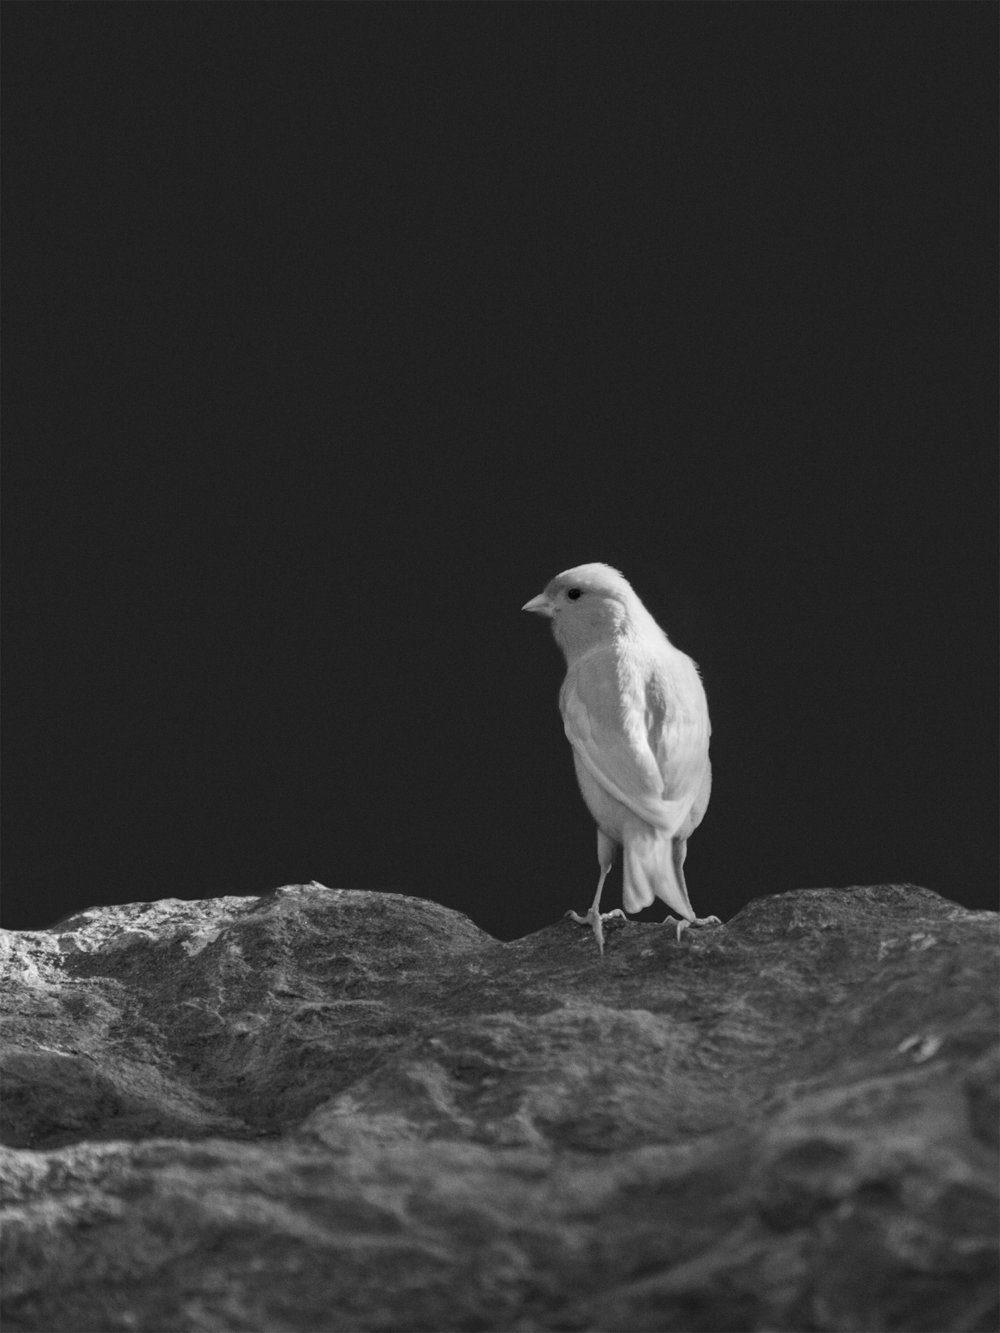 Tier_Mirjana Vrbaski_White Sparrow